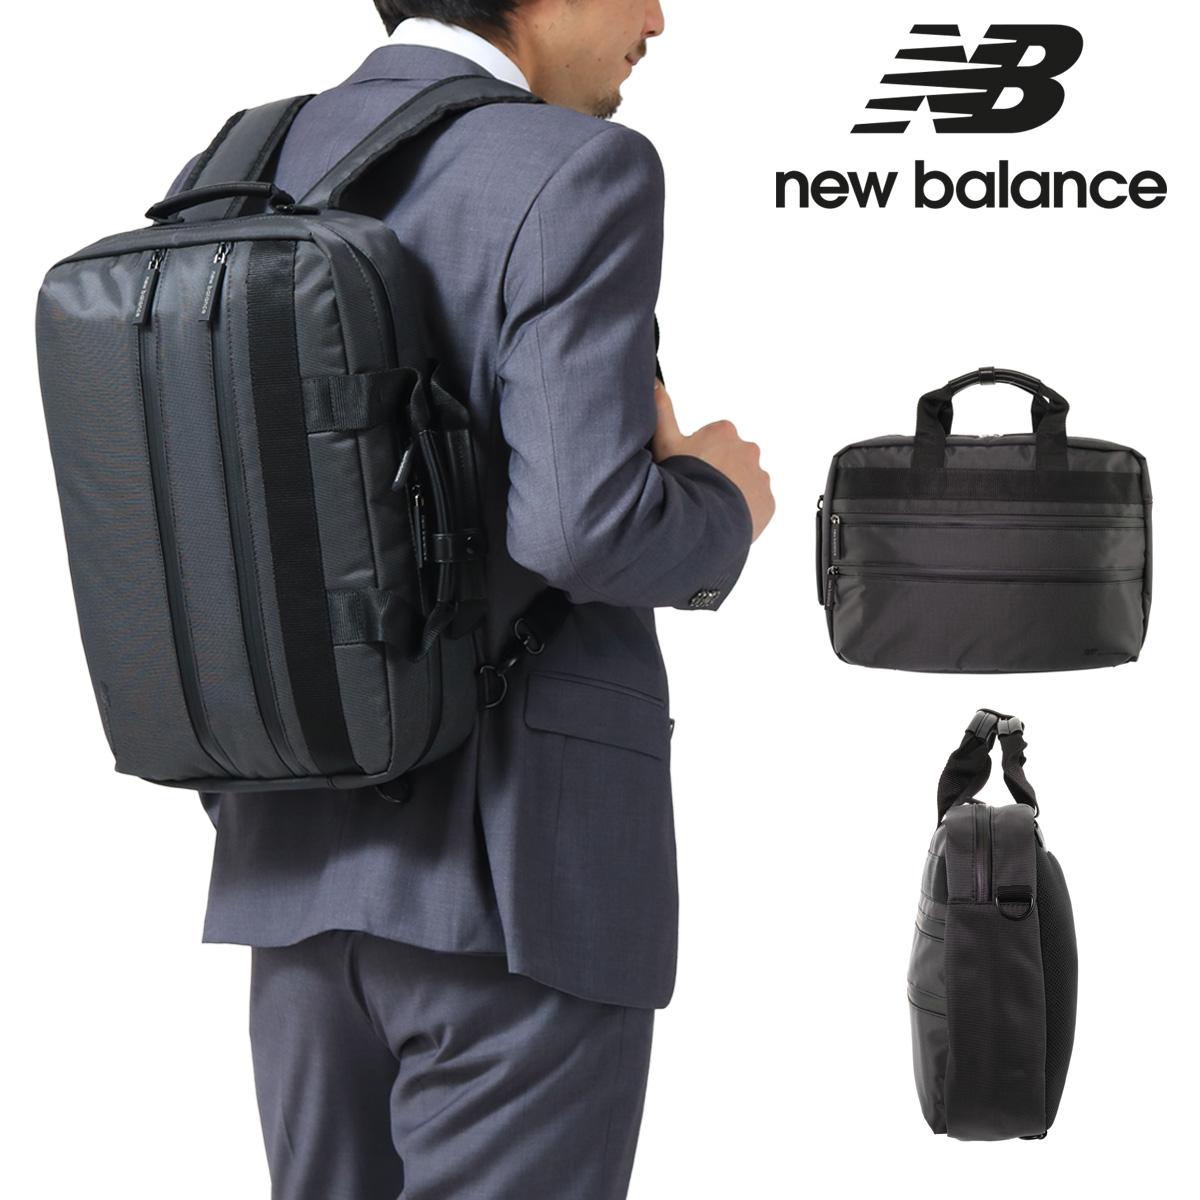 ニューバランス ブリーフケース 3WAY A4 メンズ 12100003 New Balance | 薄マチ キャリーオン リュックサック ビジネスリュック ショルダーバッグ 防水 撥水[即日発送][bef]